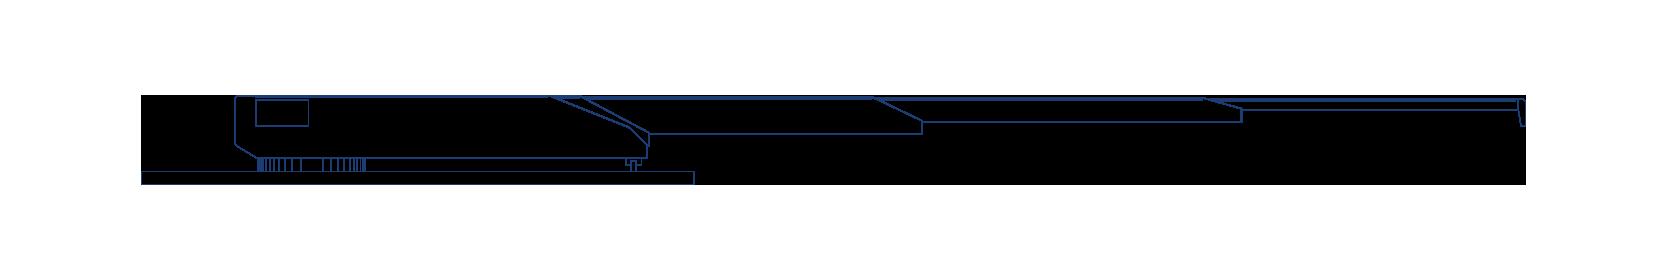 slewing MTC conveyor diagram